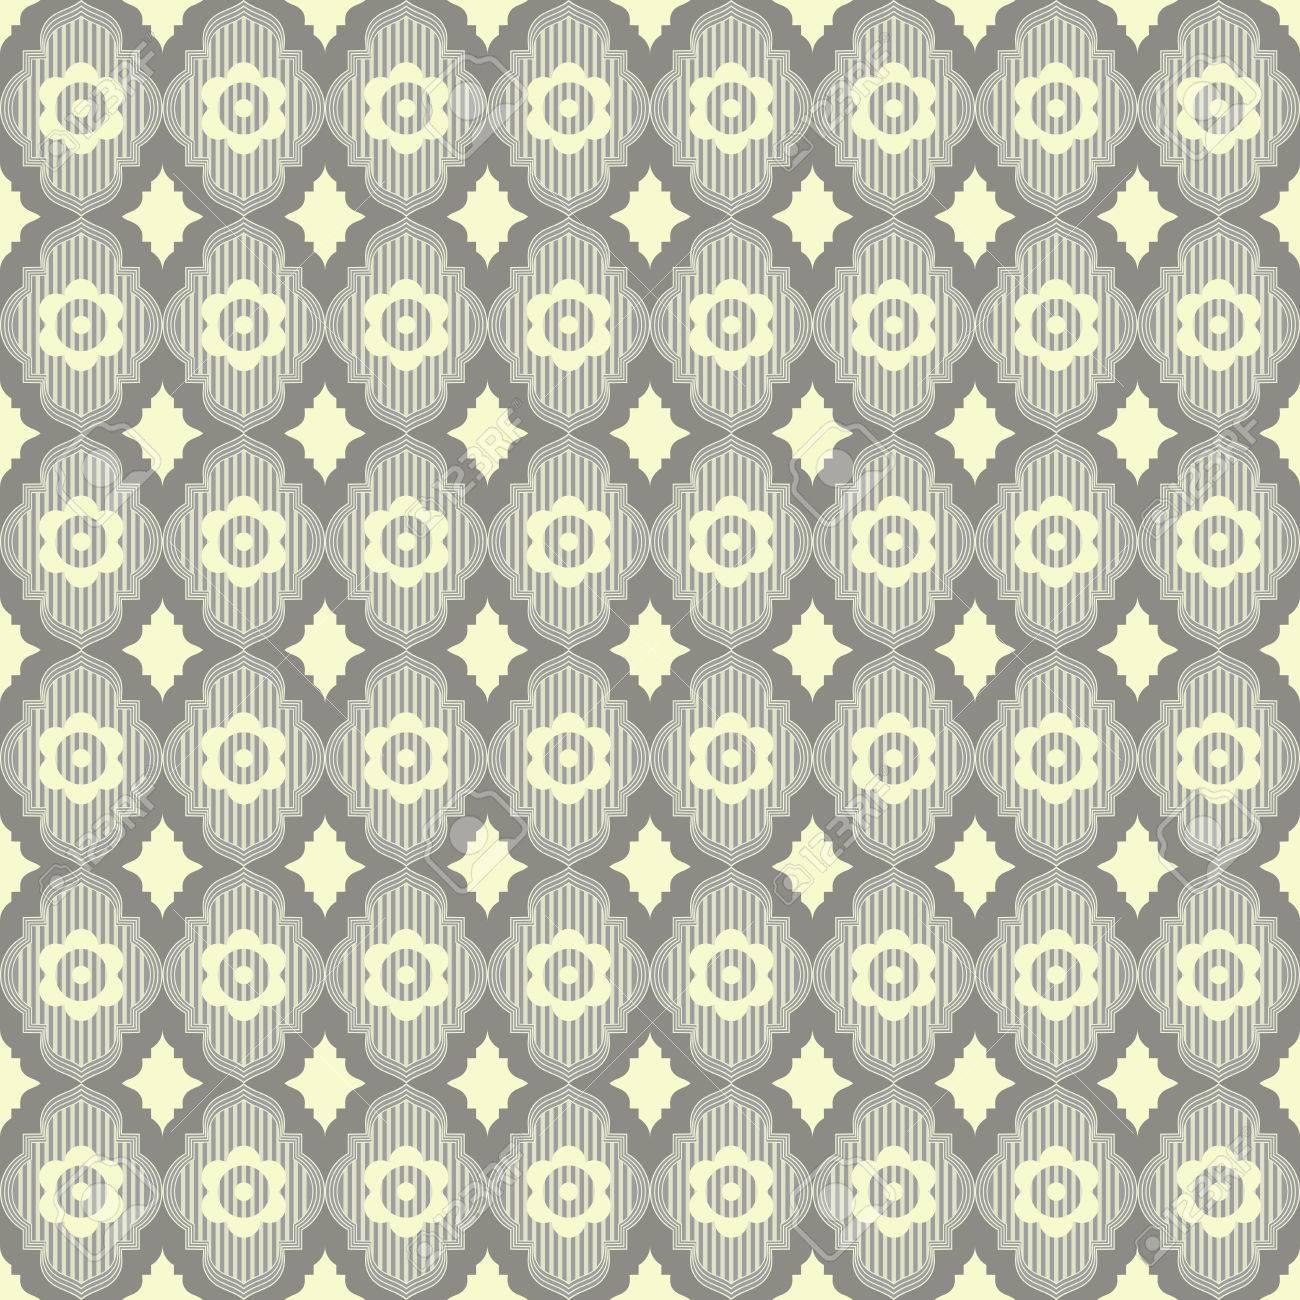 Carta Da Parati Geometrica.Vettoriale Carta Da Parati Geometrica Vettoriale Astratto Vintage